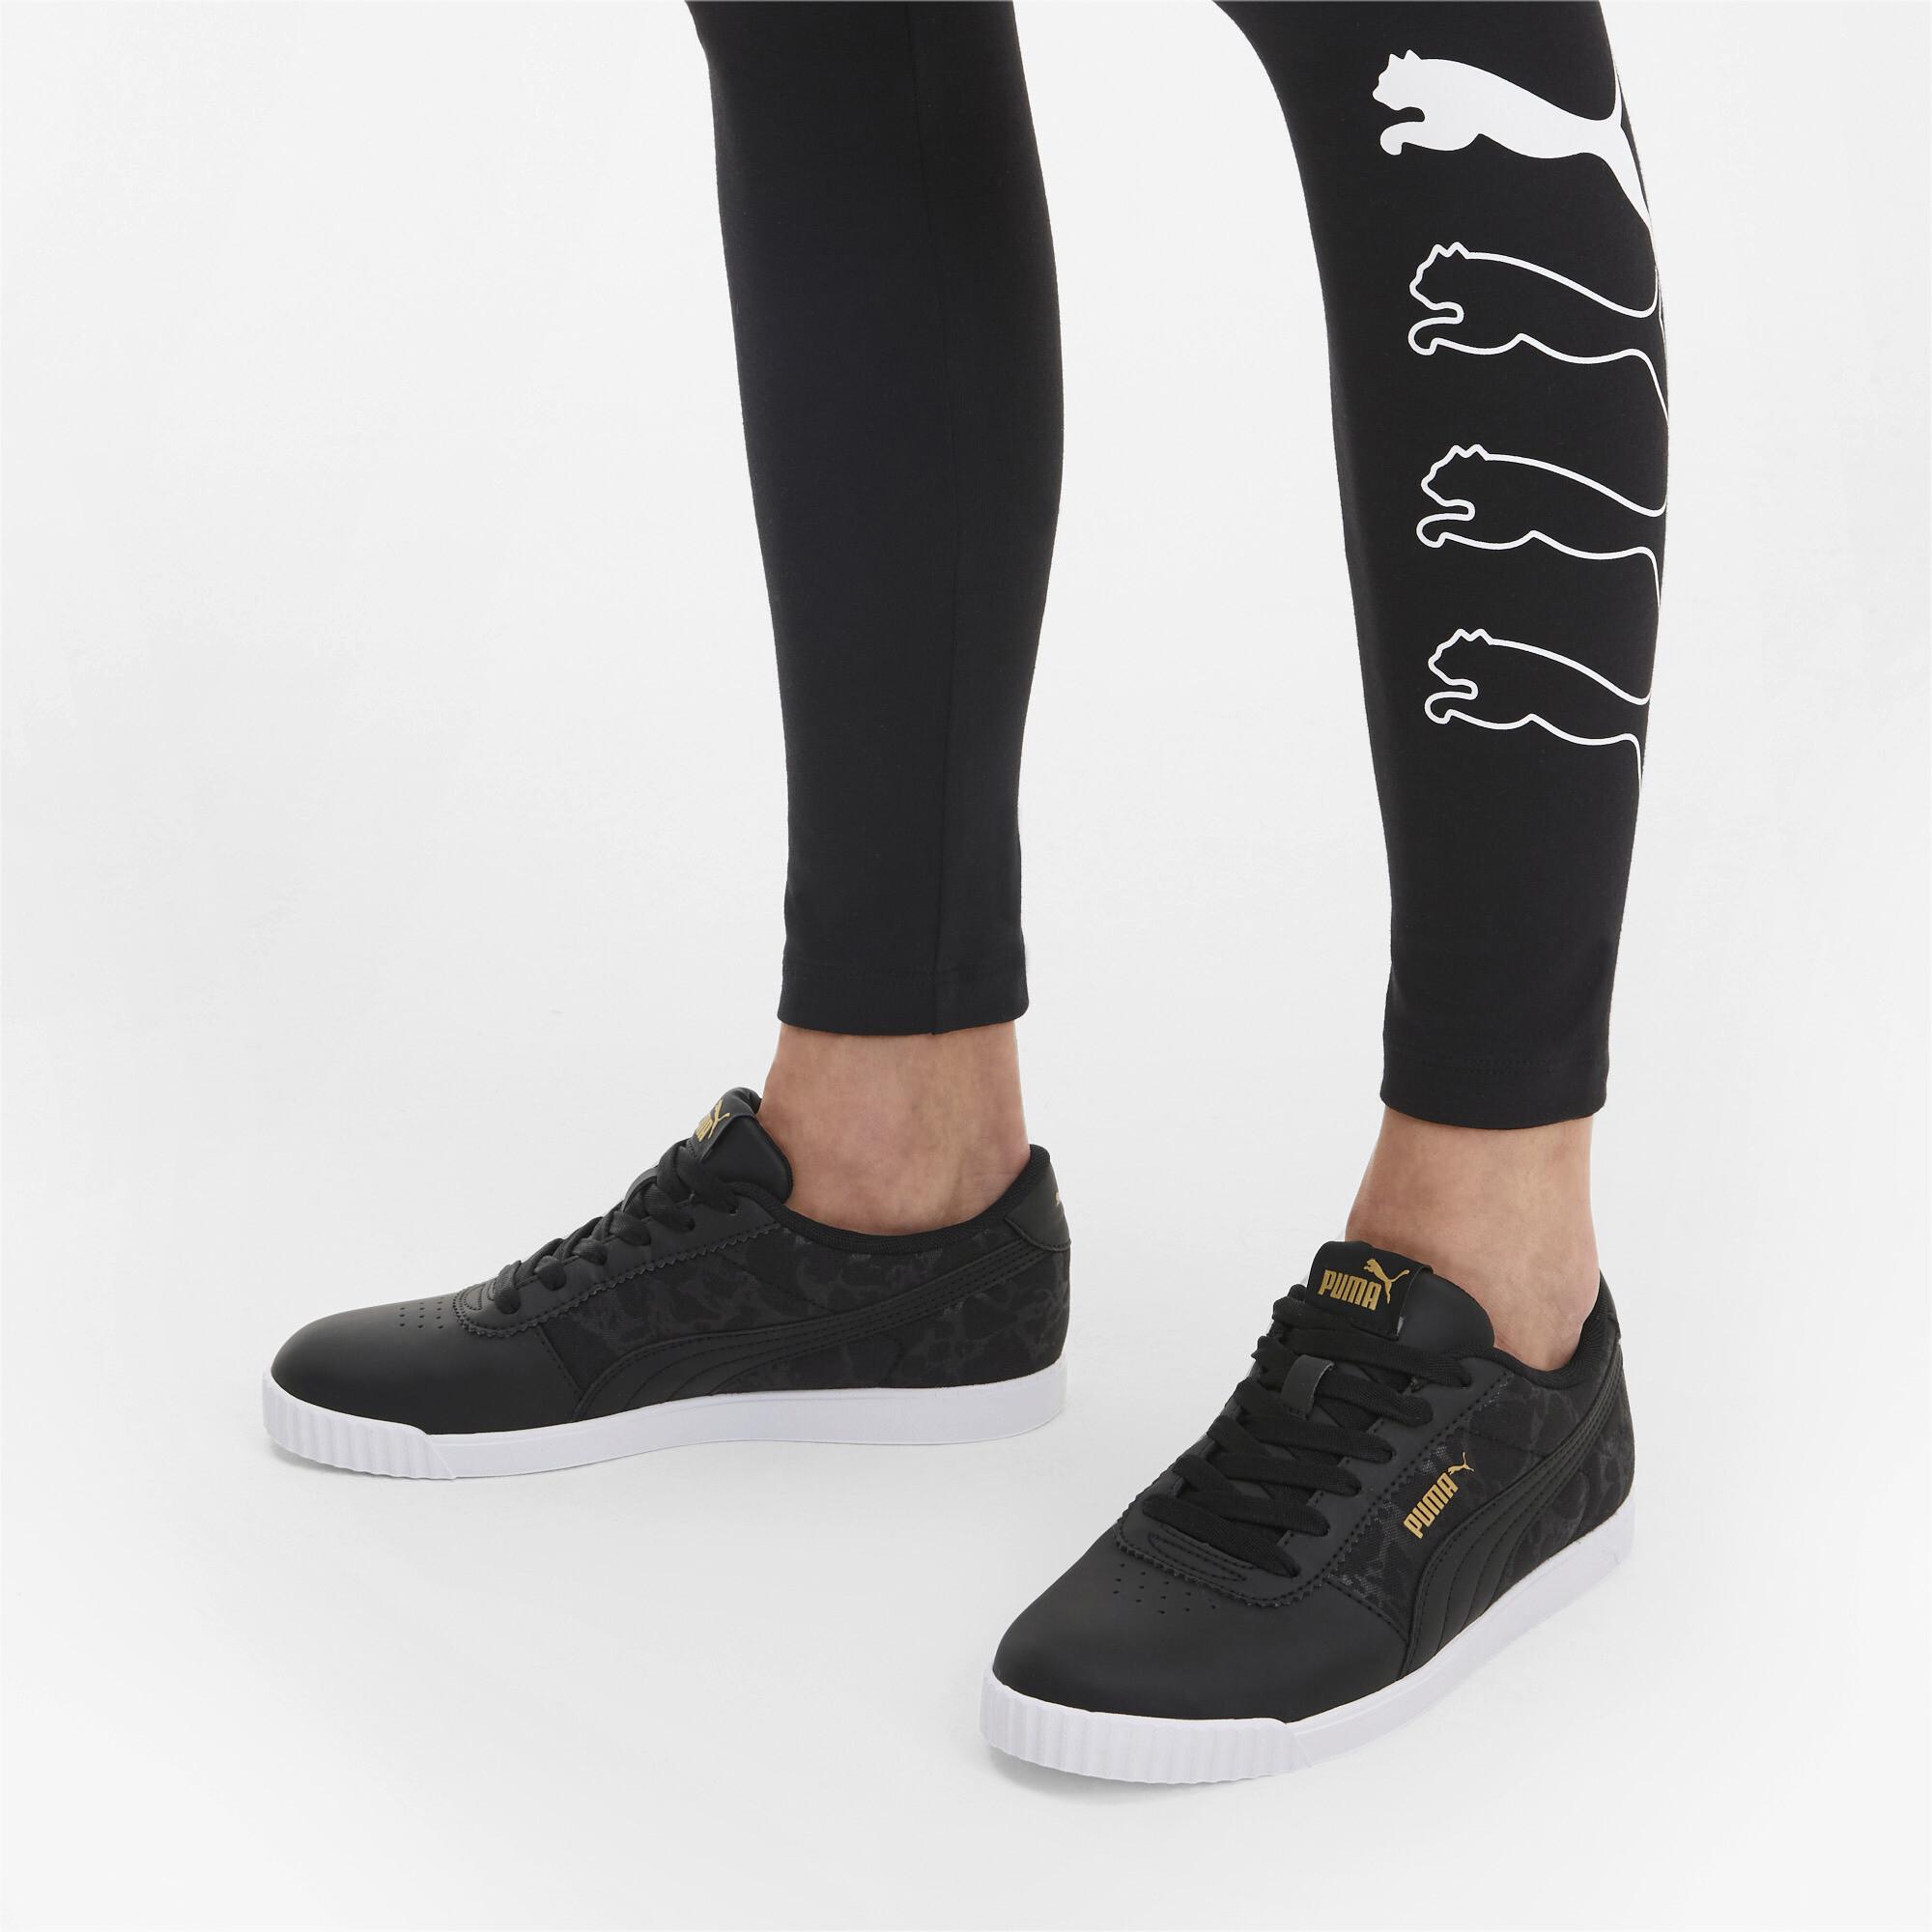 PUMA-Women-039-s-Carina-Slim-Veil-Sneakers thumbnail 12